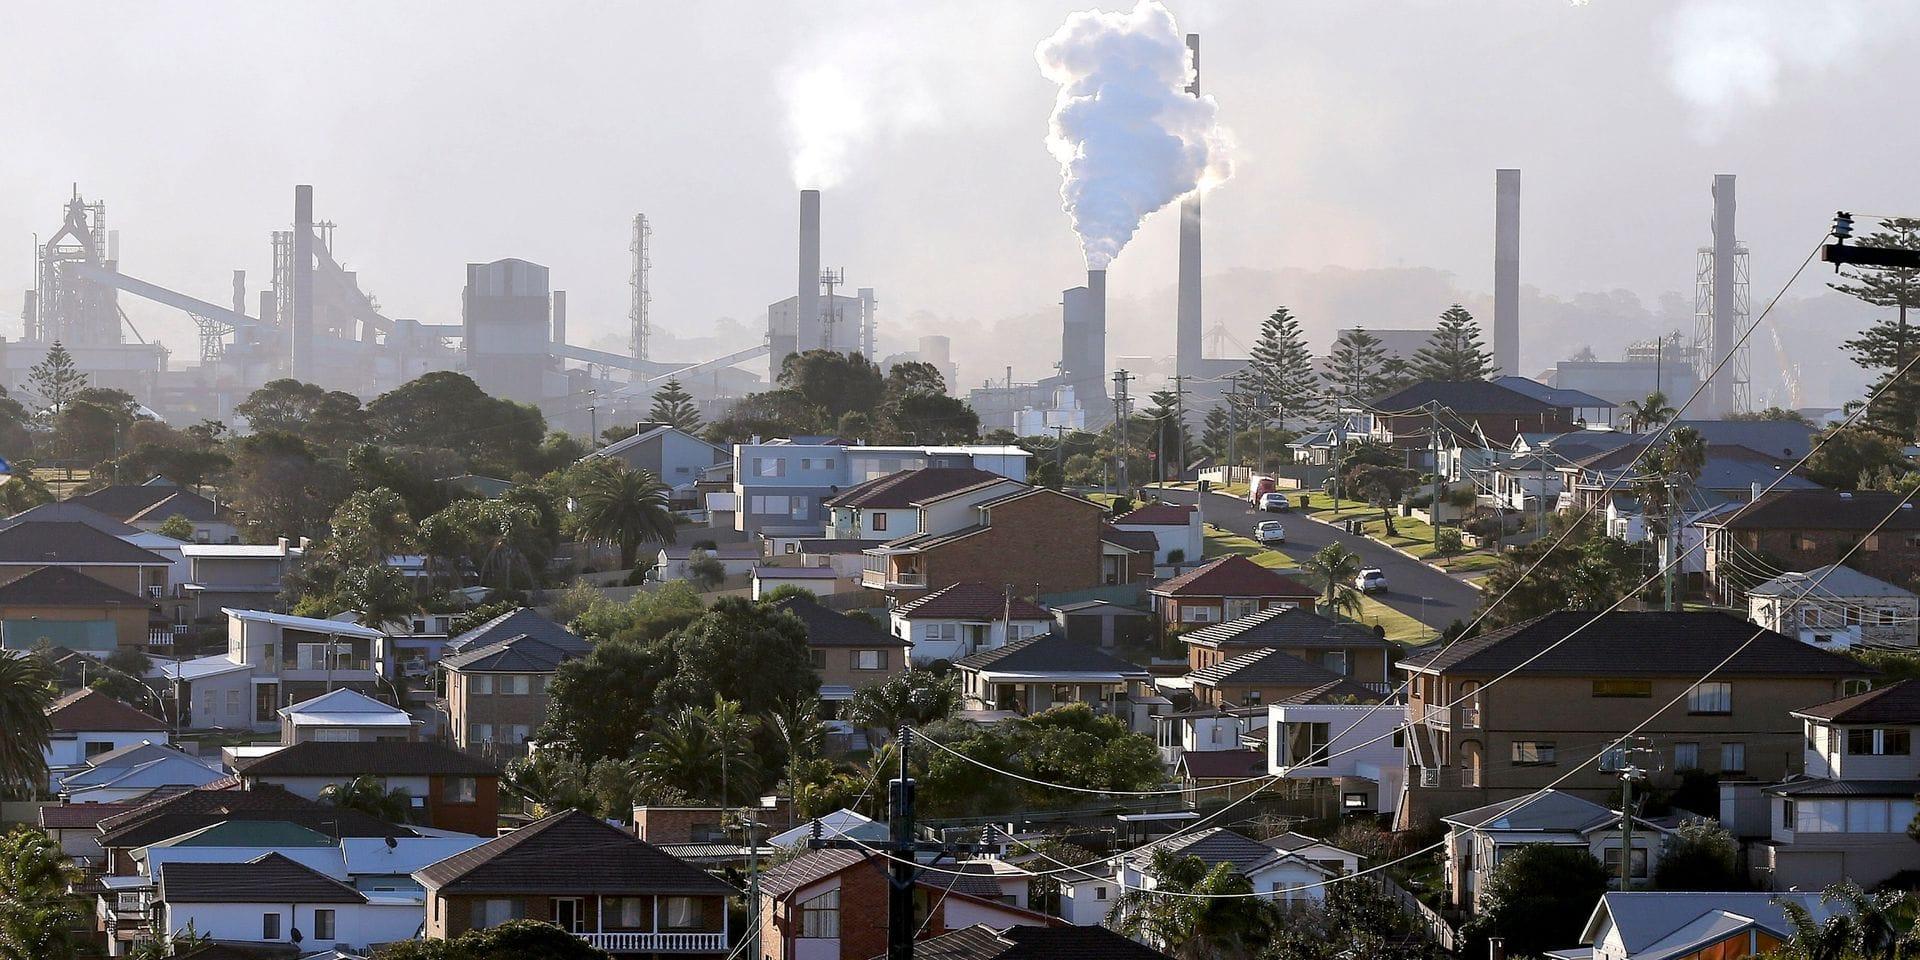 Bien accompagnée, une taxe carbone pourra contribuer à une transition énergétique soutenable socialement